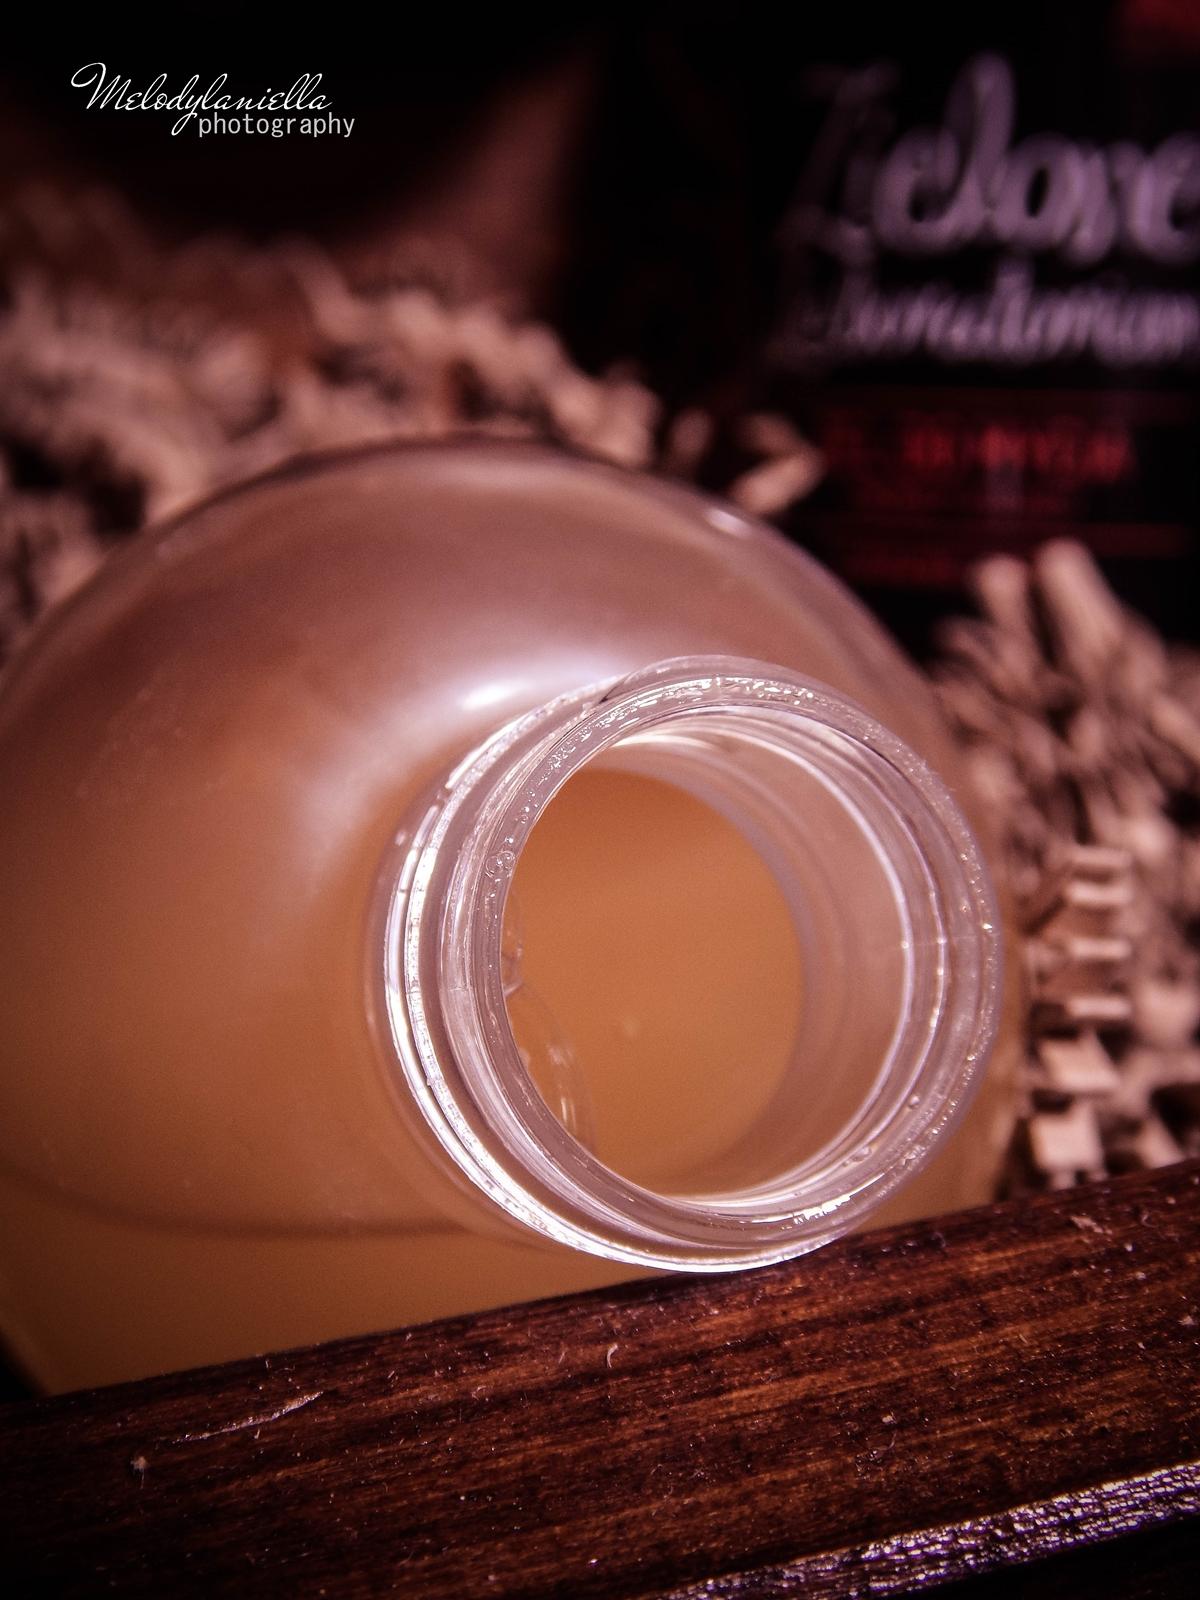 zielone laboratorium odżywka do włosów odbudowująca kosmetyki wegańskie żel do mycia szampon aromaterapeutyczny kosmetyki o mocnych zapachach olejki eteryczne kosmetyki naturalne zapachy